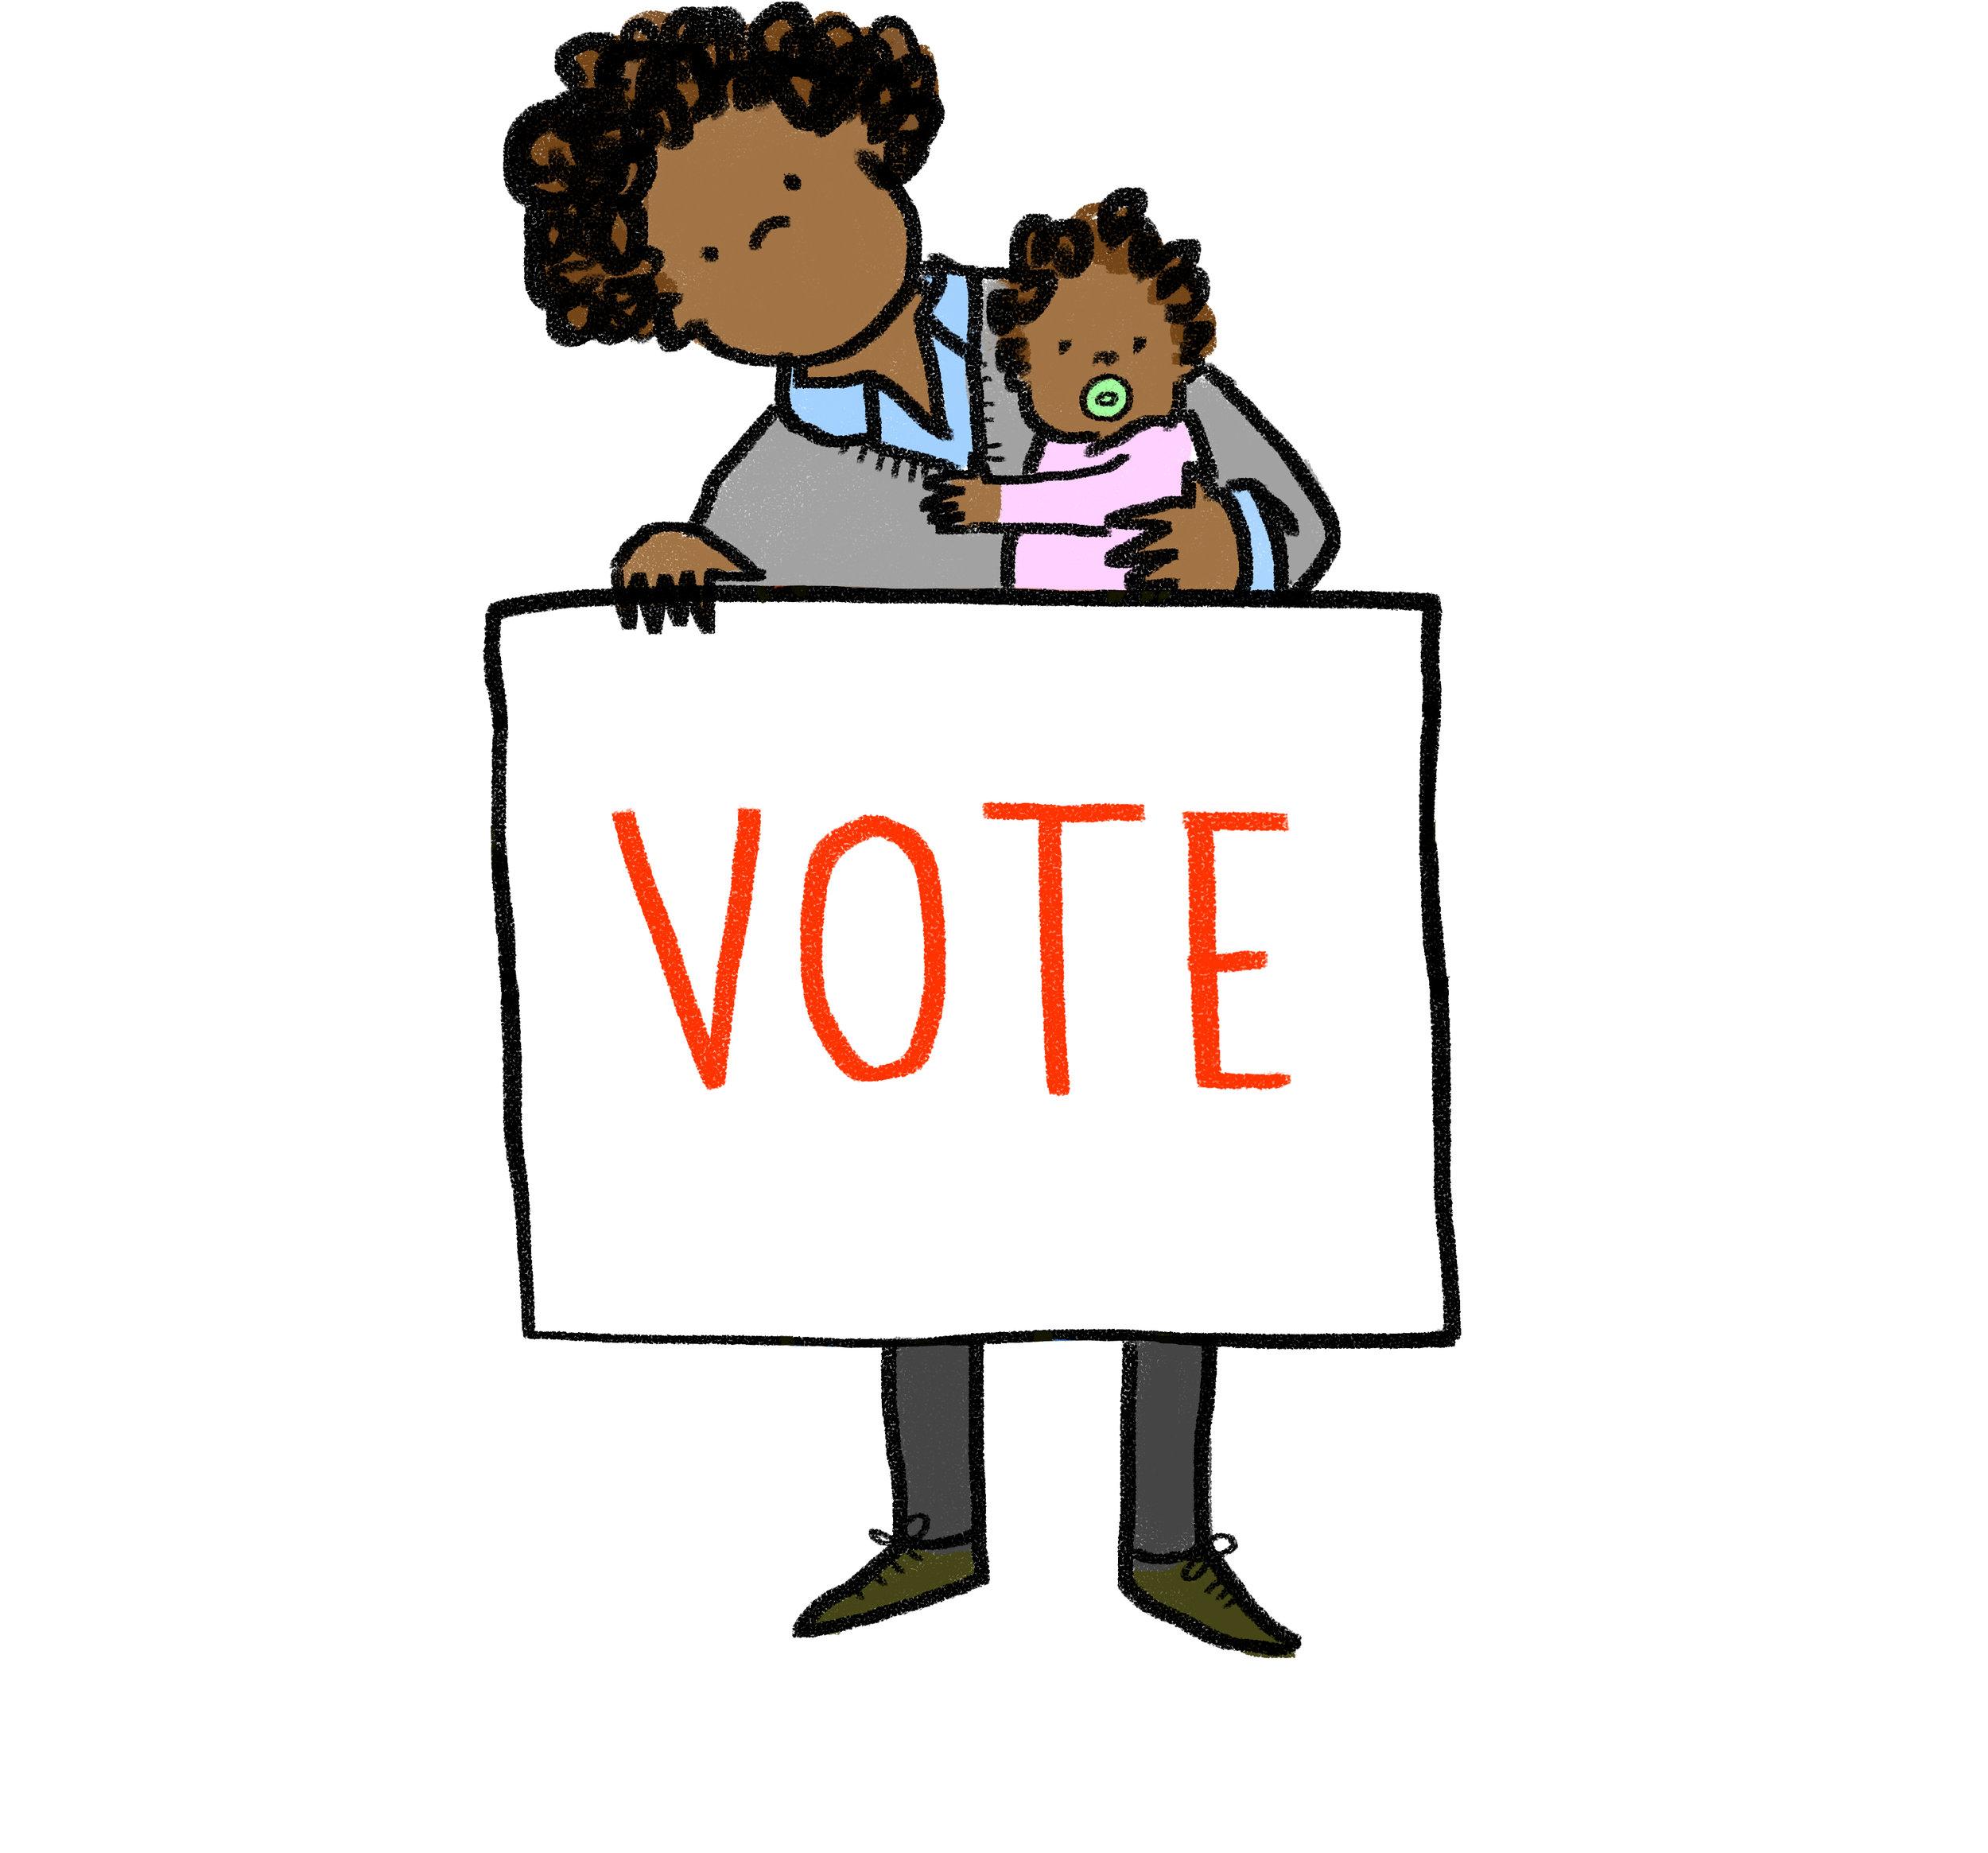 VOTE-15.jpg